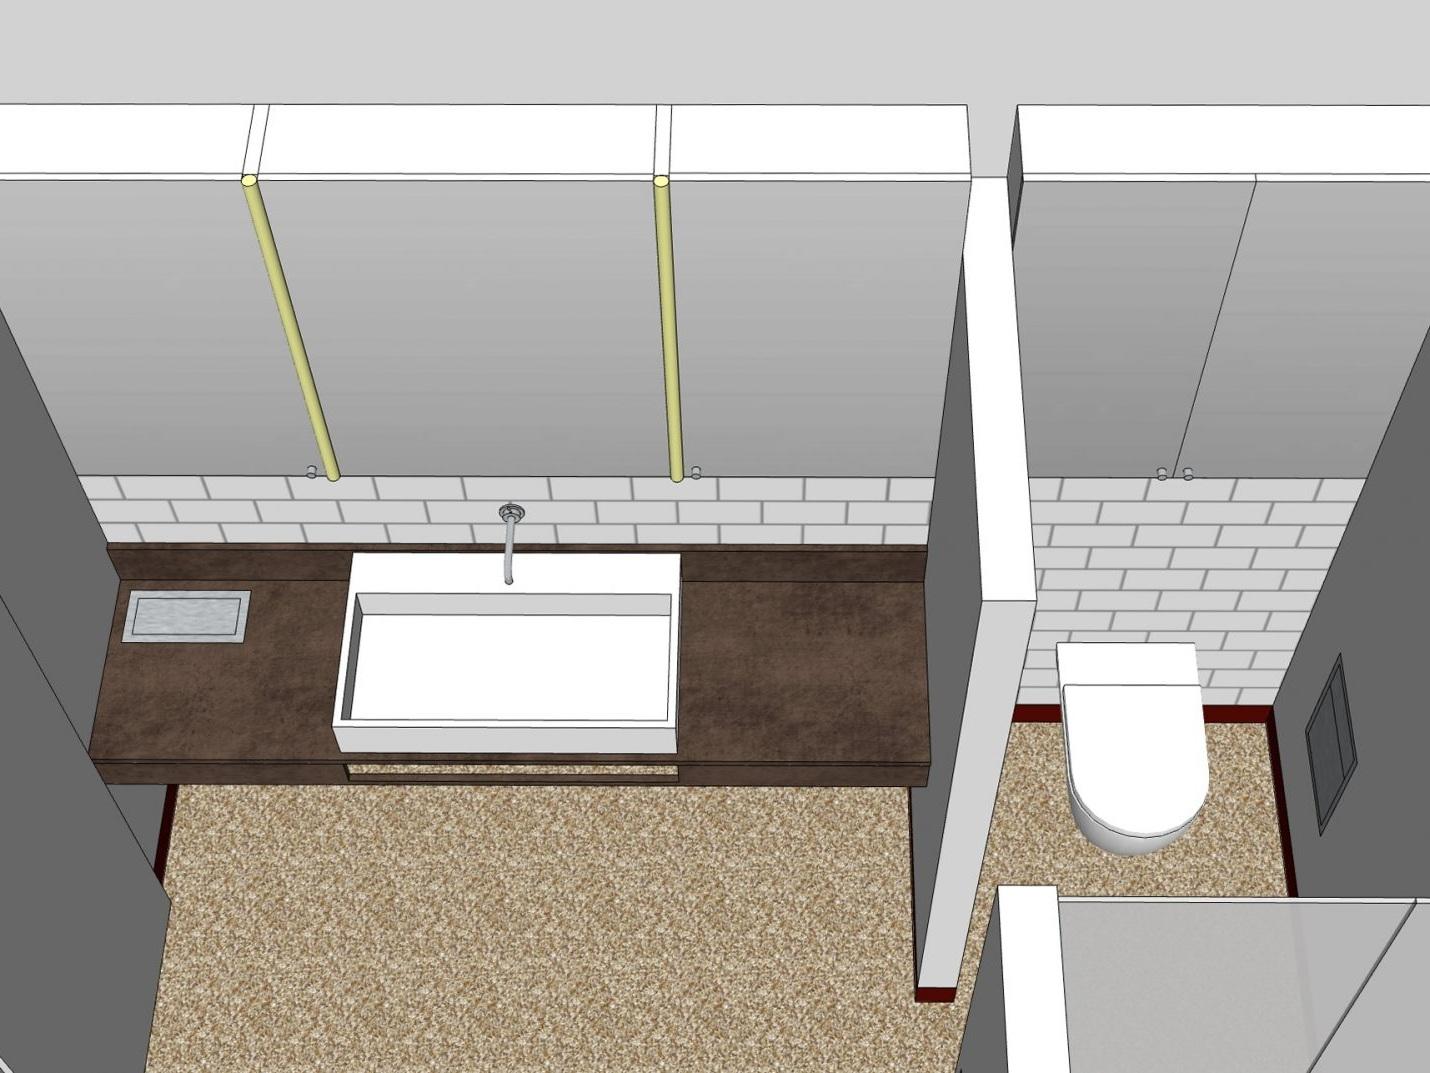 Paarbad mit Lichtkuppel - Visualisierung Waschplatz und WC